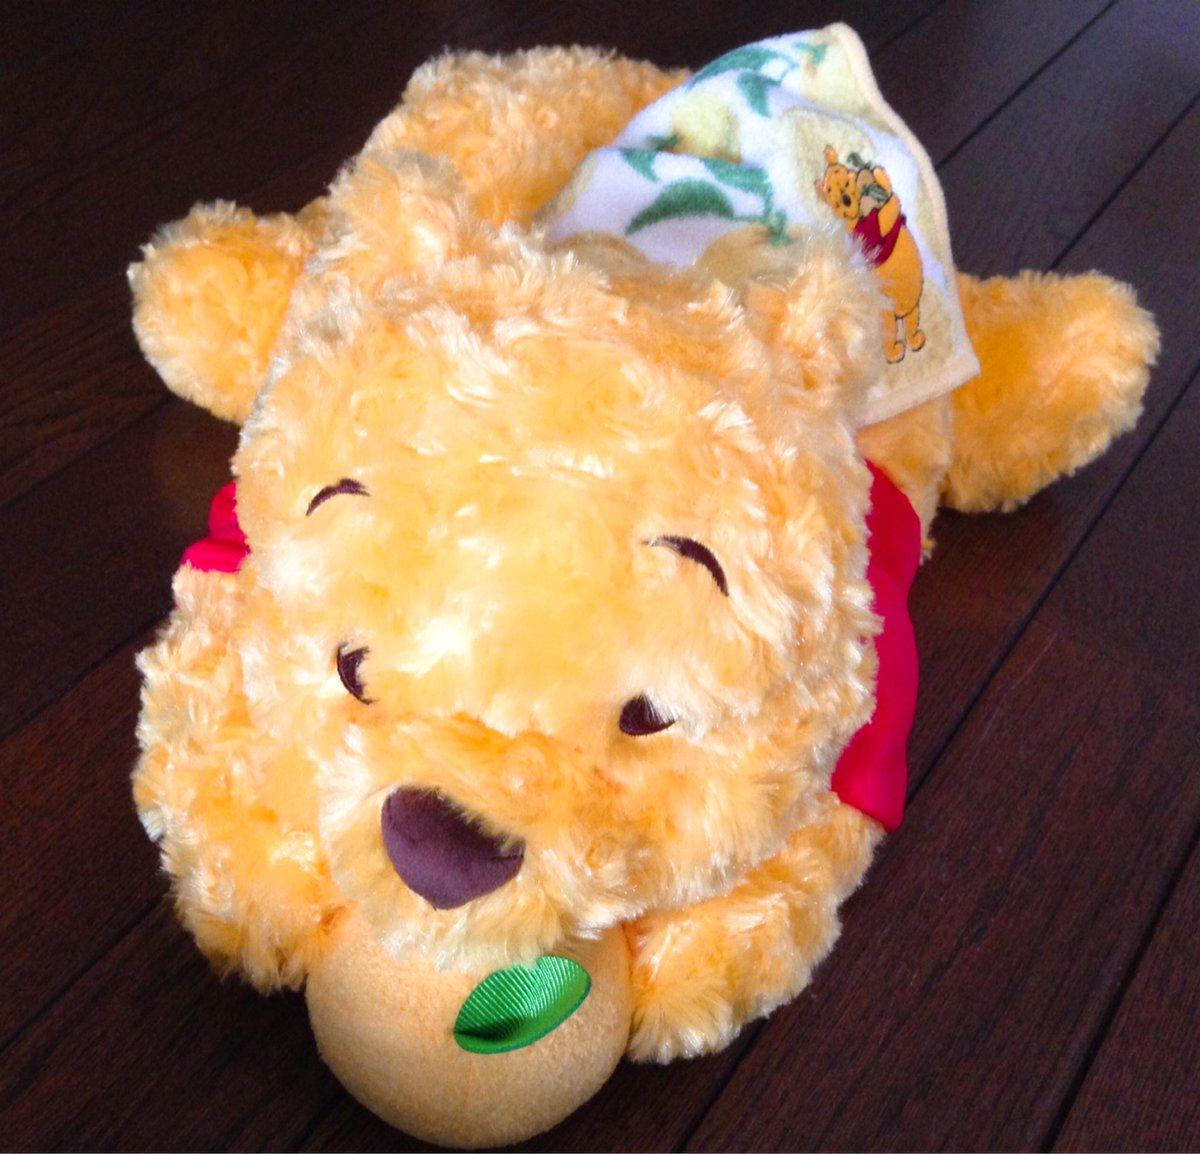 柚子プー癒されまくりですよもふもふだし!♡(*´ω`*)pic.twitter.com/RjrViPRTsX